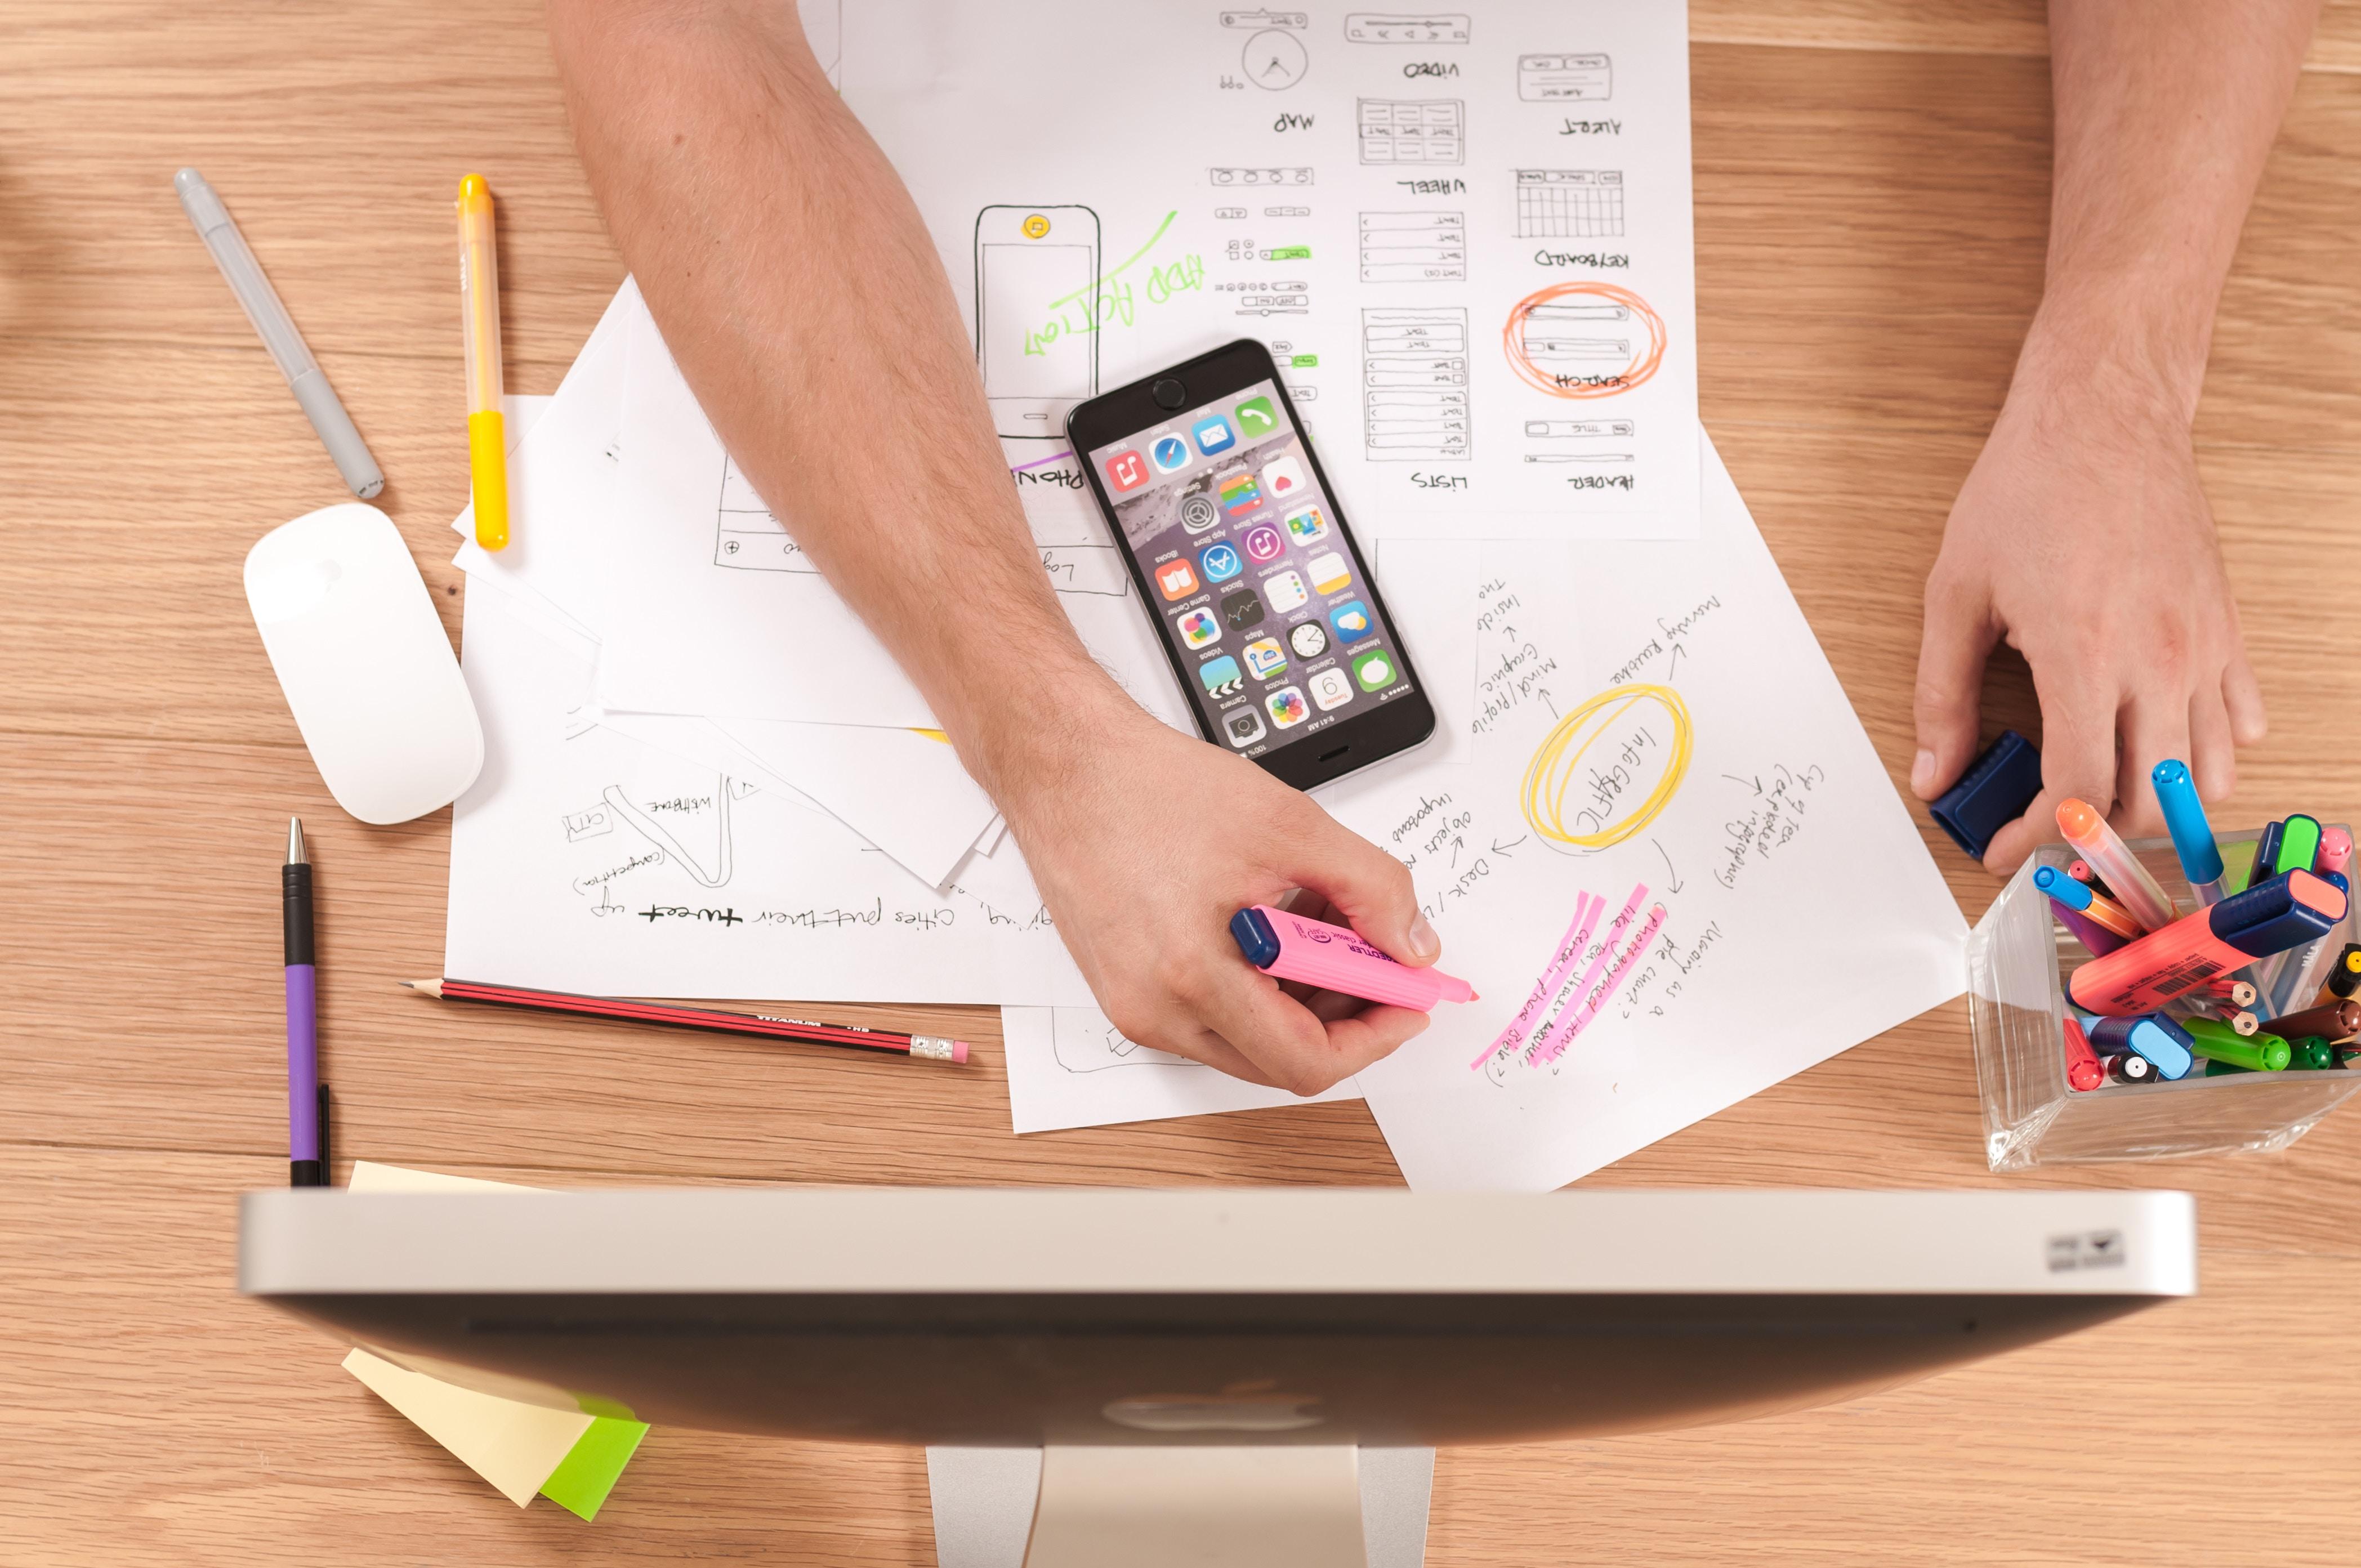 Hora de digitalizar su negocio para las ventas online